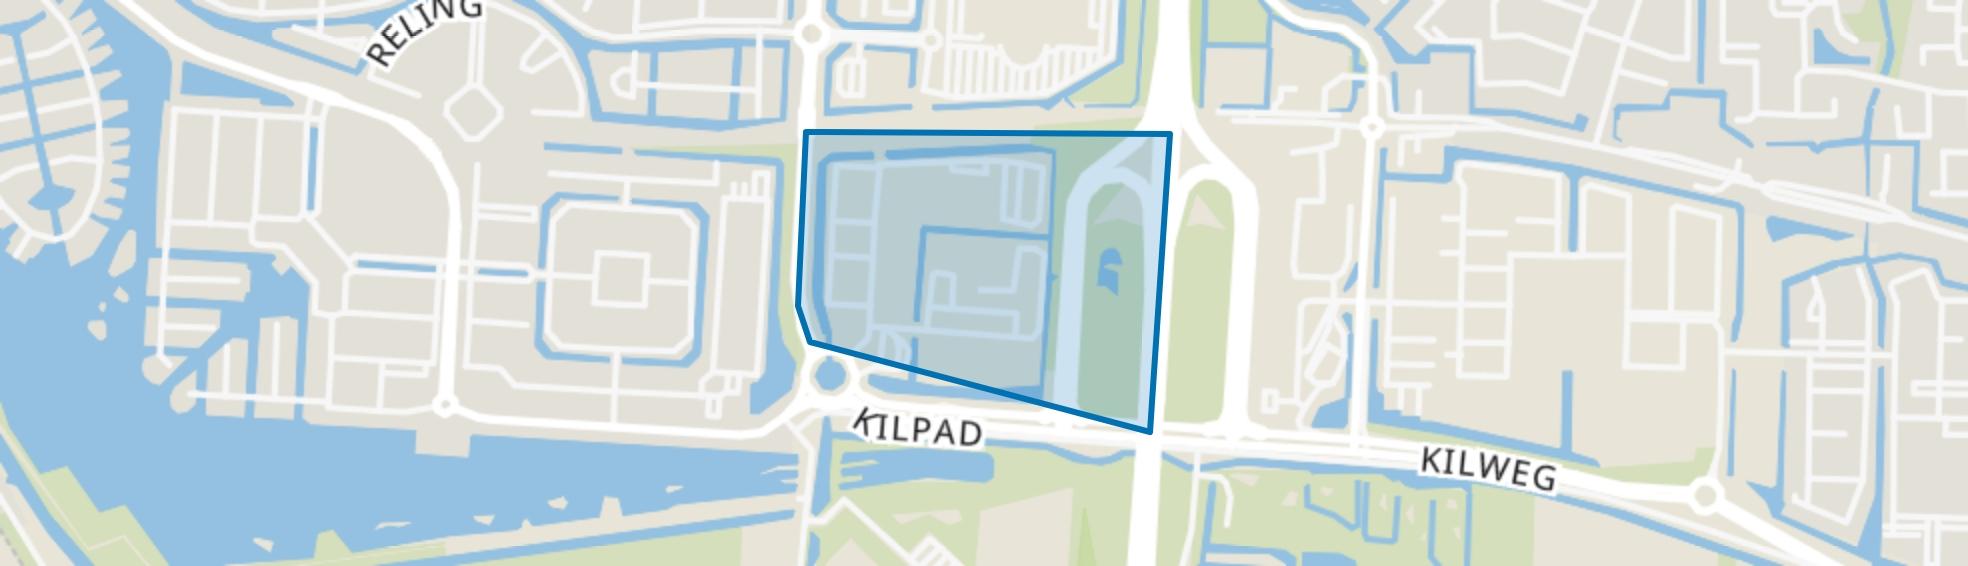 BT Vaanpark 1, Barendrecht map